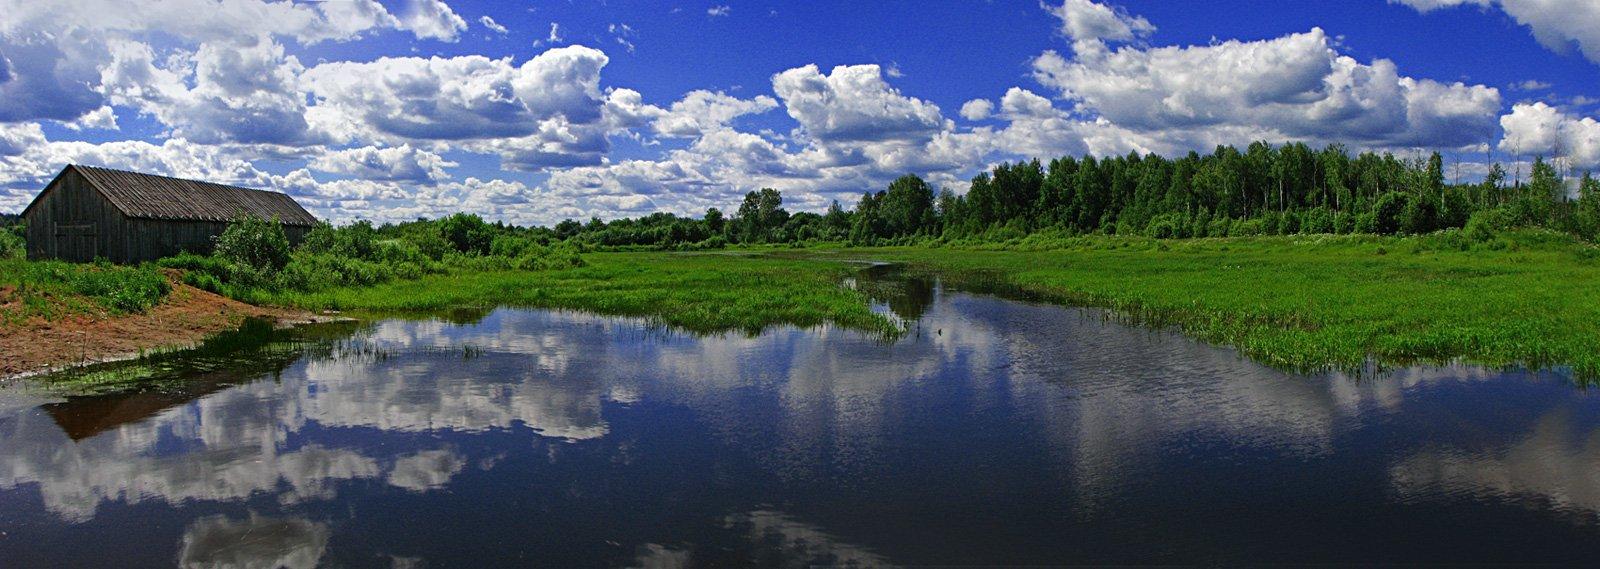 пейзаж,панорама,дето,удмуртия, Андрей,любитель 35photo